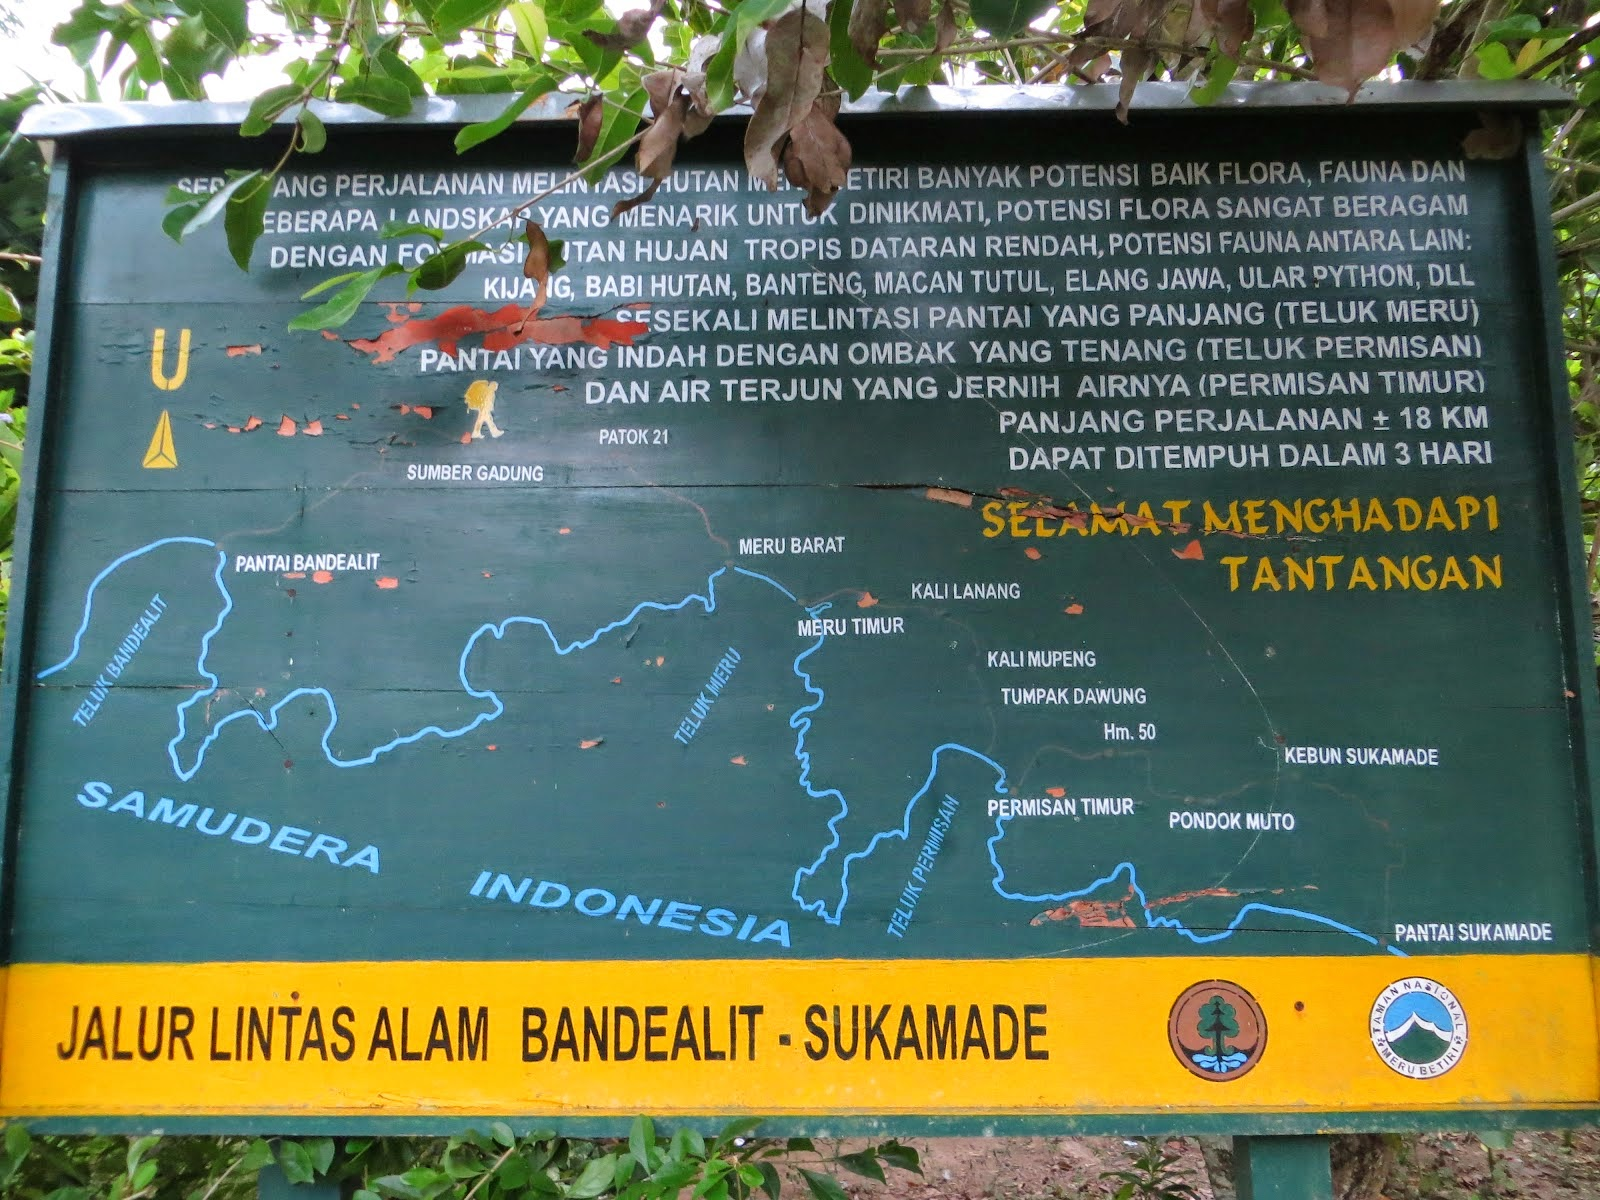 Jungle tracking di Taman nasional Meru Betiri